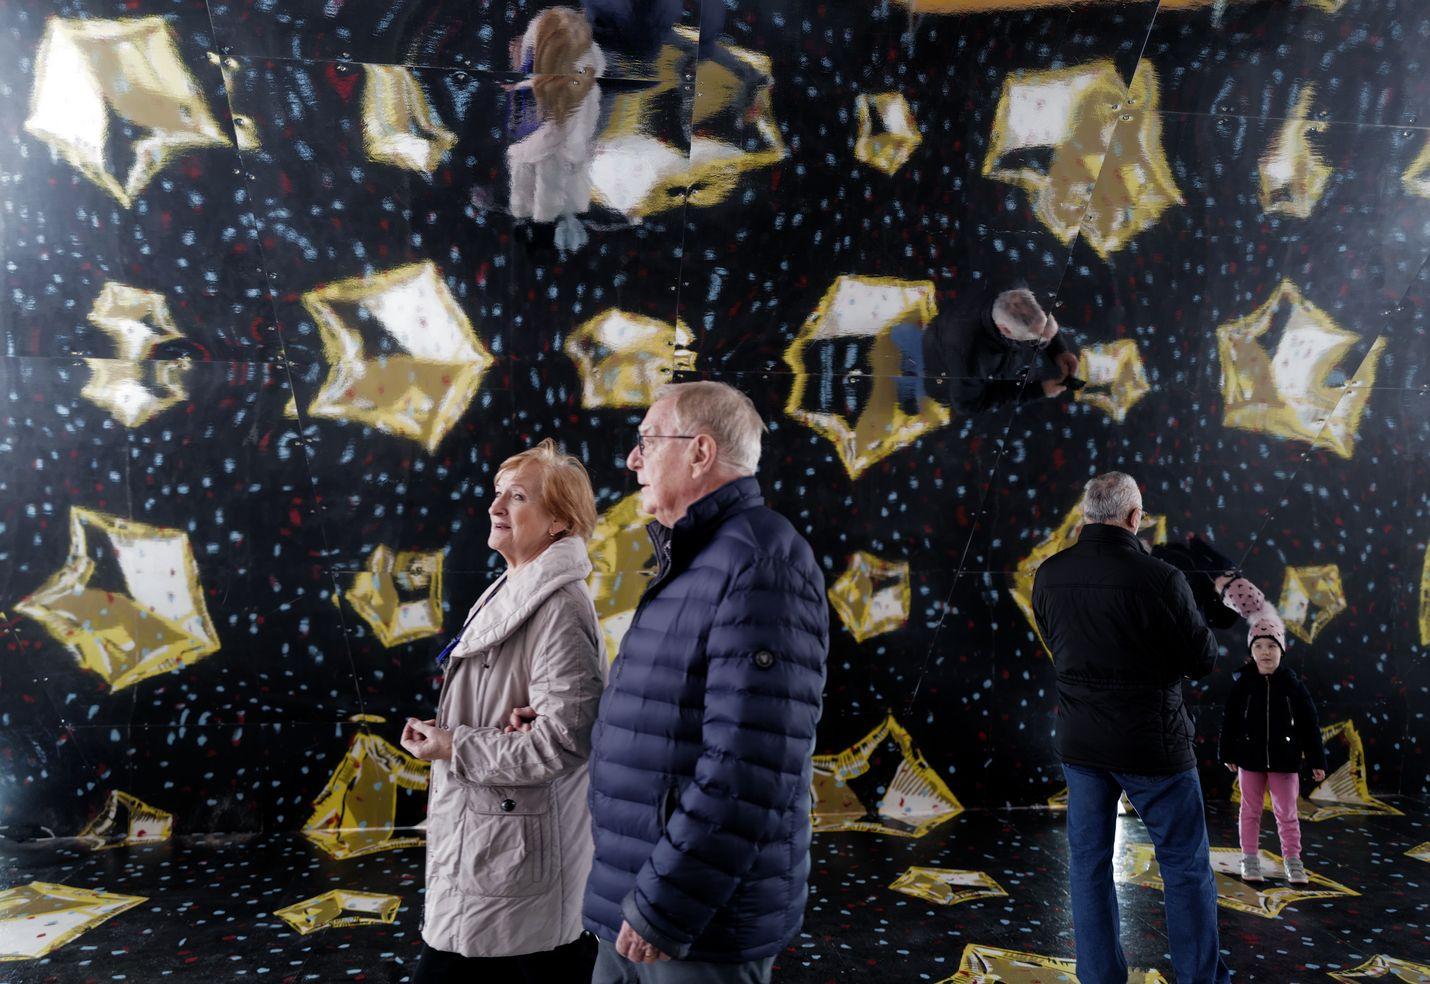 Kroatian Rijeka uudisti teollisuuskaupungin mainettaan Euroopan kulttuuripääkaupunkina. Tammikuussa 2020 kausi päästiin aloittamaan ilman koronatoimia. Ihmiset ihailivat installaatiota kadulla.